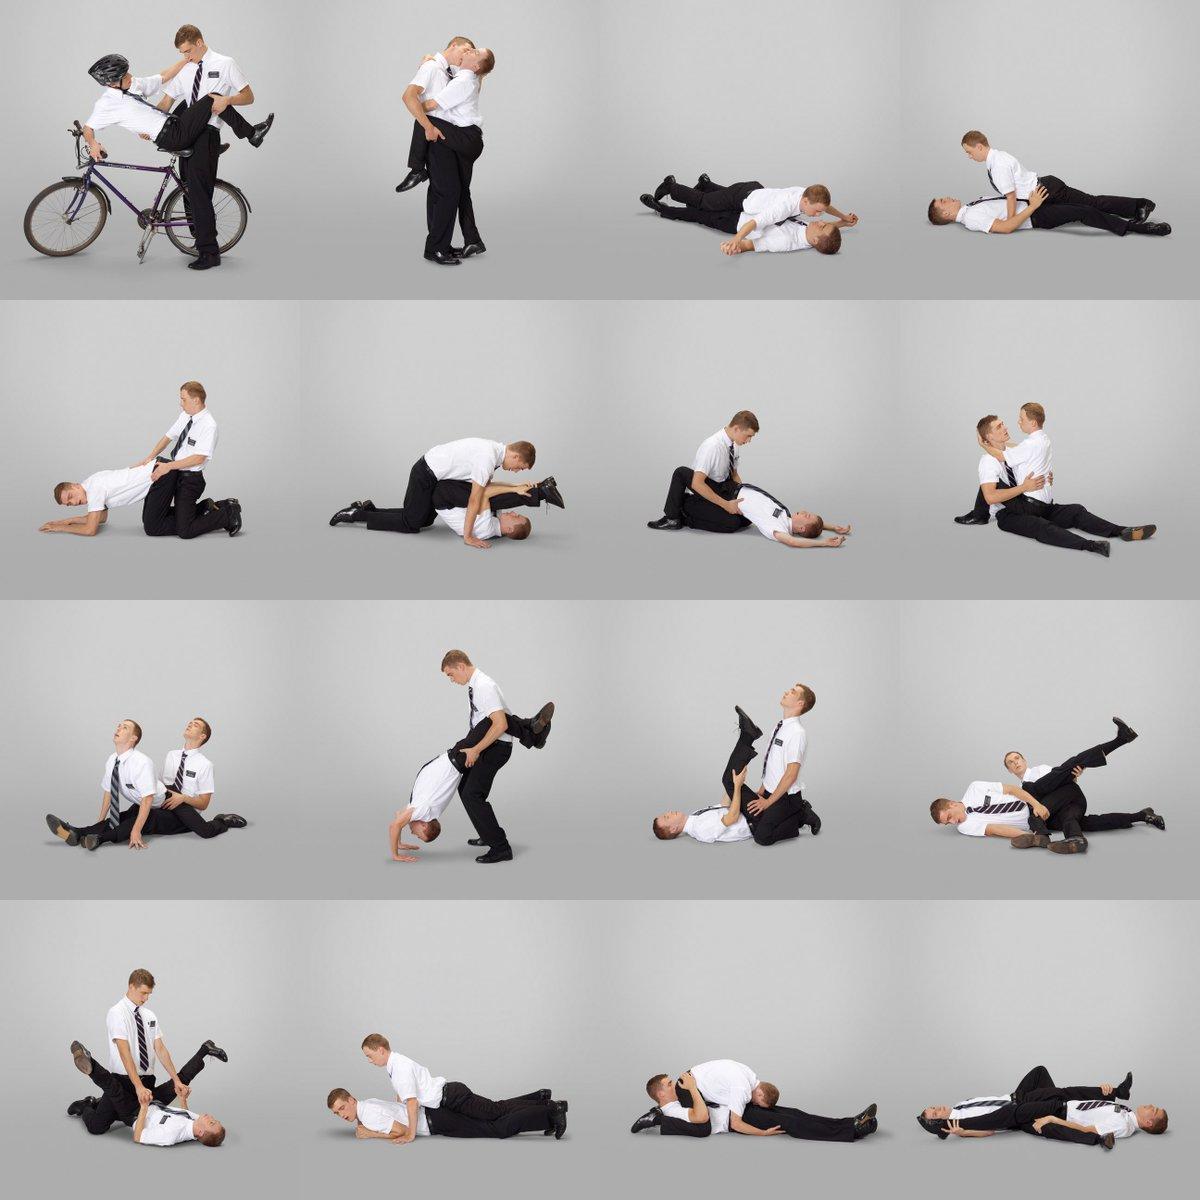 pict-porn-positions-art